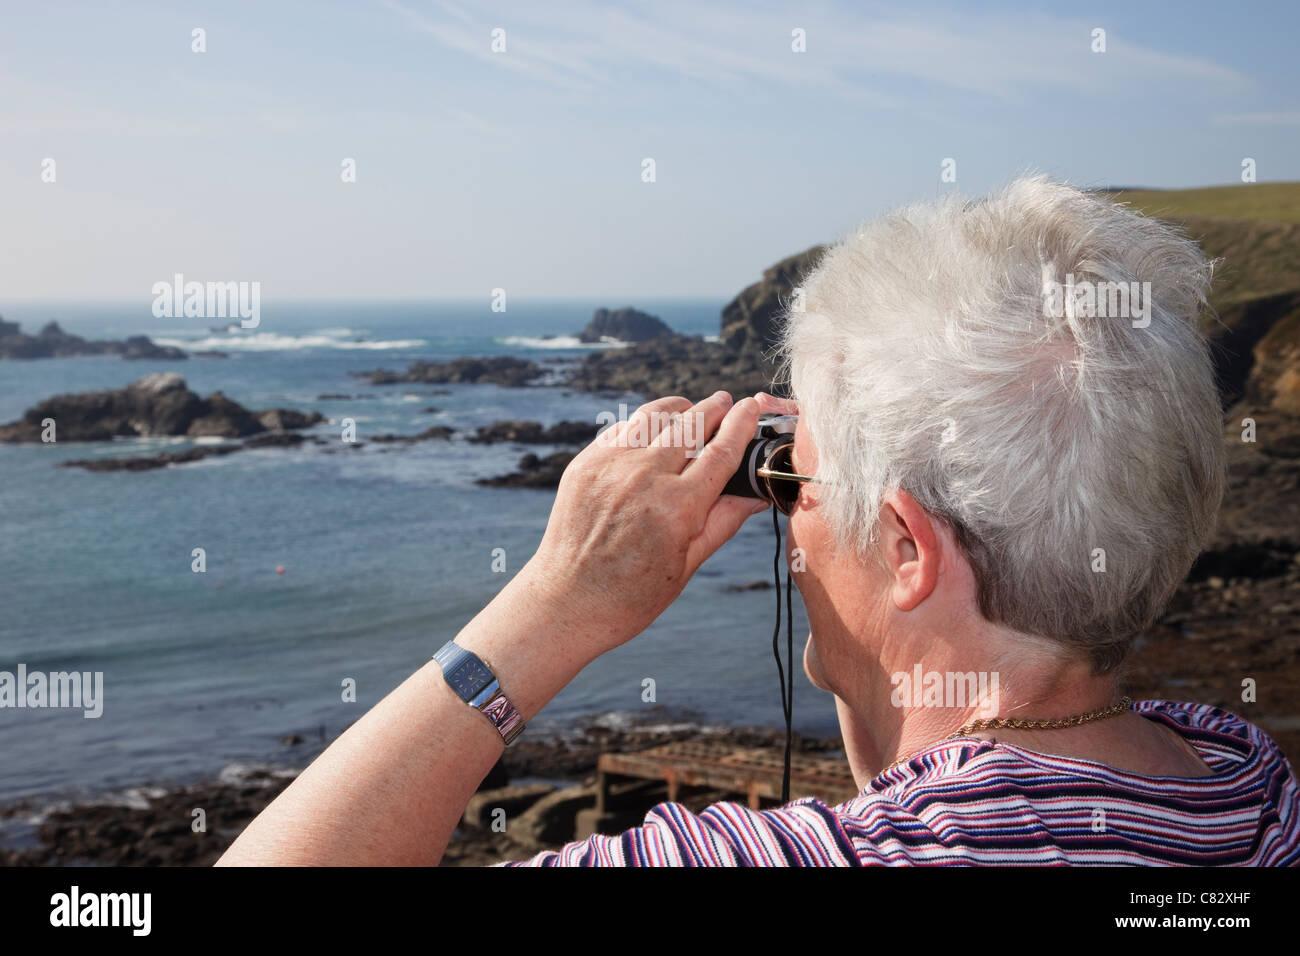 Ältere Frau Rentner durch ein Fernglas mit Meerblick auf die Küste am südlichsten Punkt auf dem Festland Großbritannien.Stockfoto